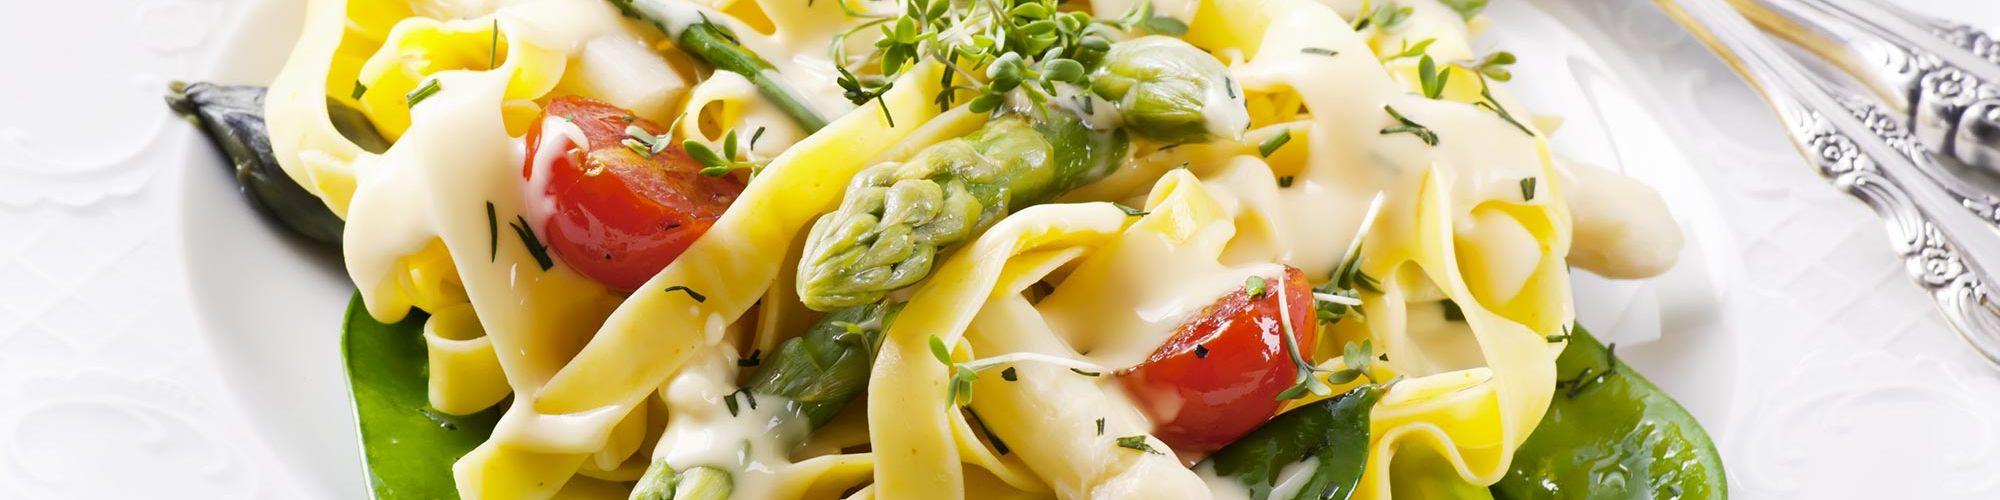 ricetta Tagliatelle dell'orto con pasta fresca